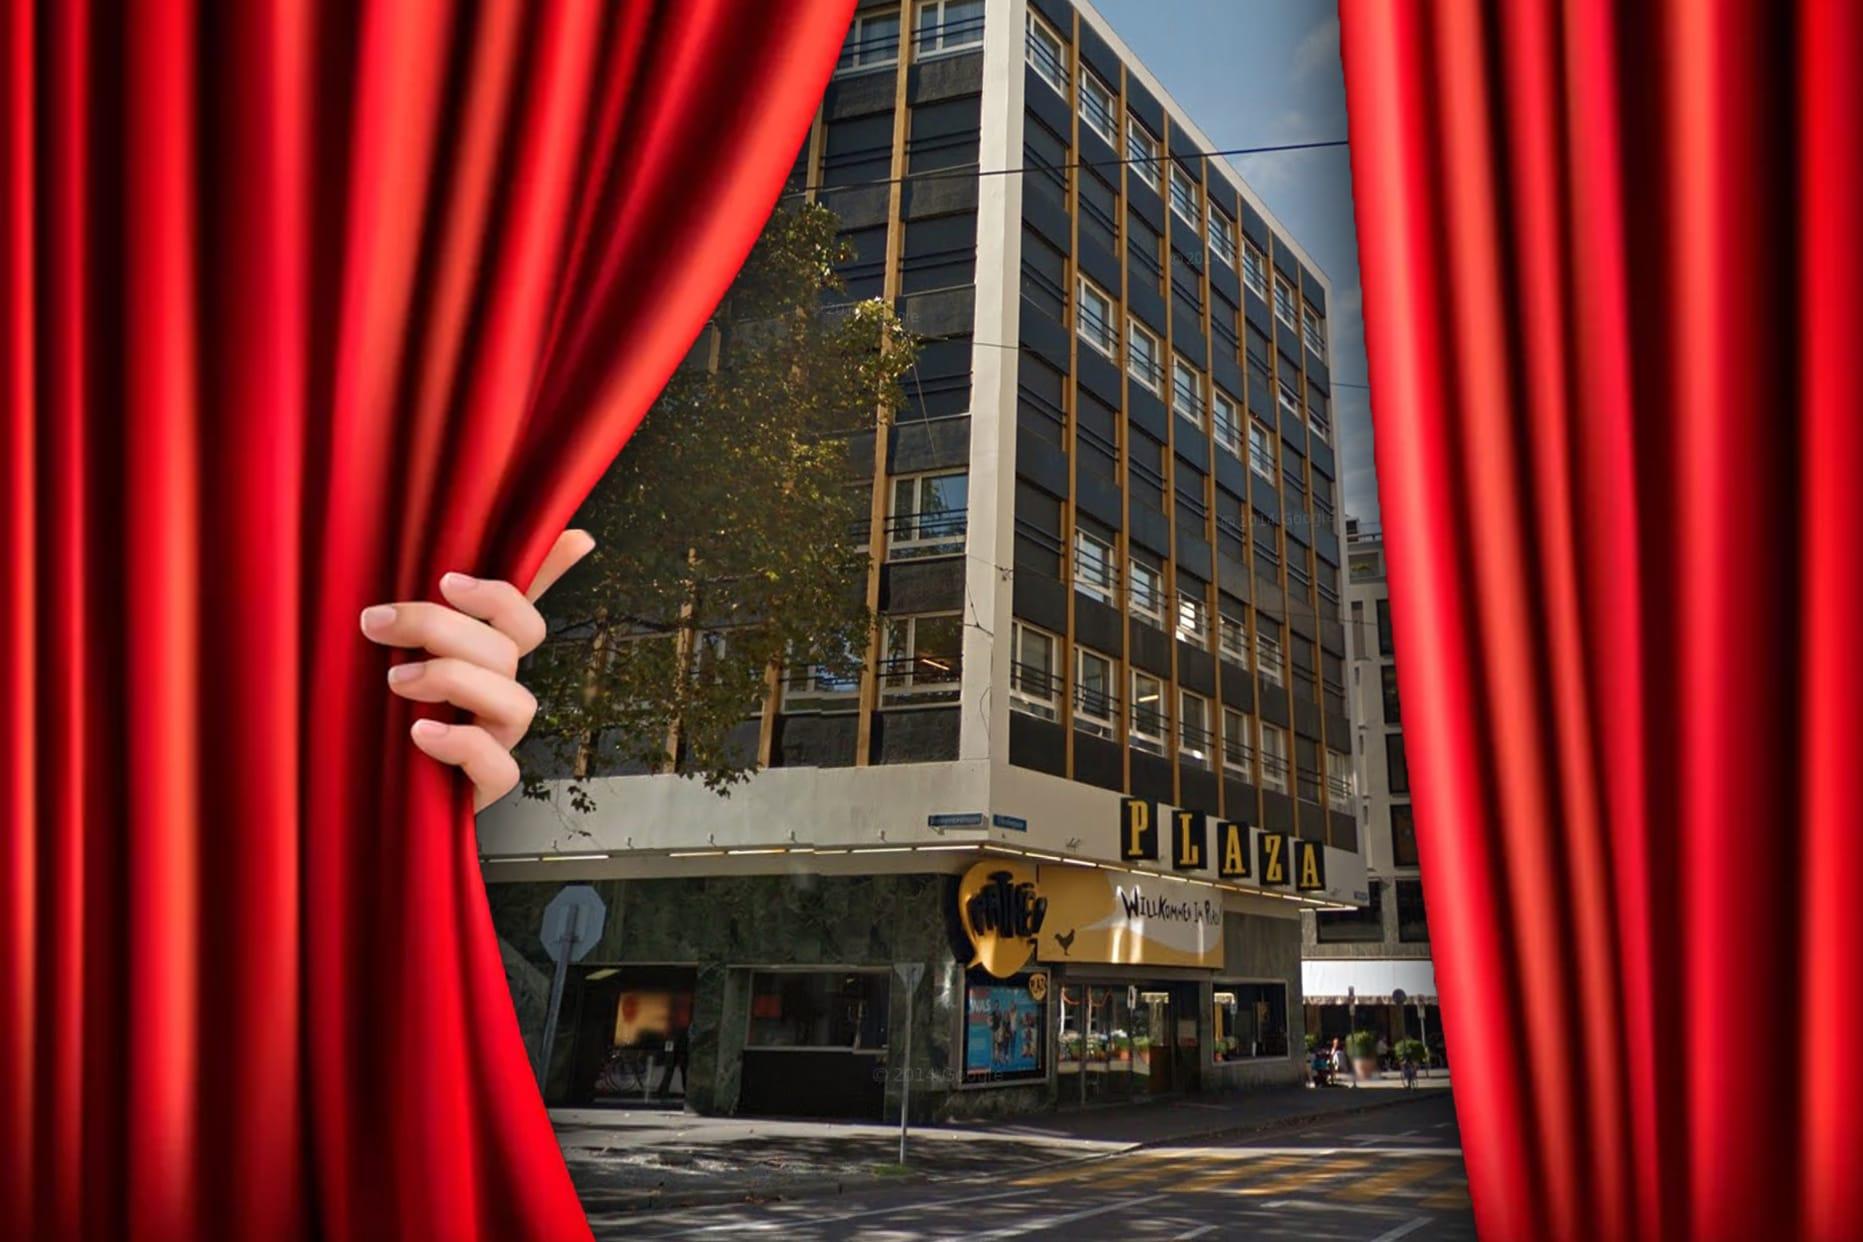 Die Eigentümerin hat mit dem Standort des Plaza andere Pläne als das Kino.